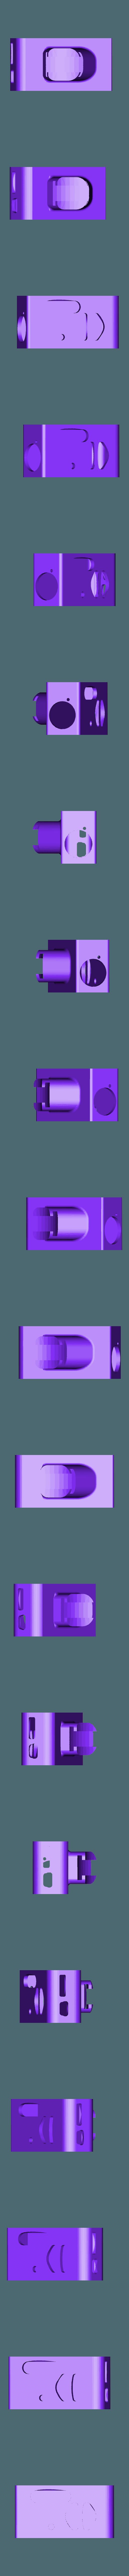 adjustable_Mobius_session_mount.stl Télécharger fichier STL gratuit Support de session mobius réglable SR-5 • Design pour imprimante 3D, Rhizamax